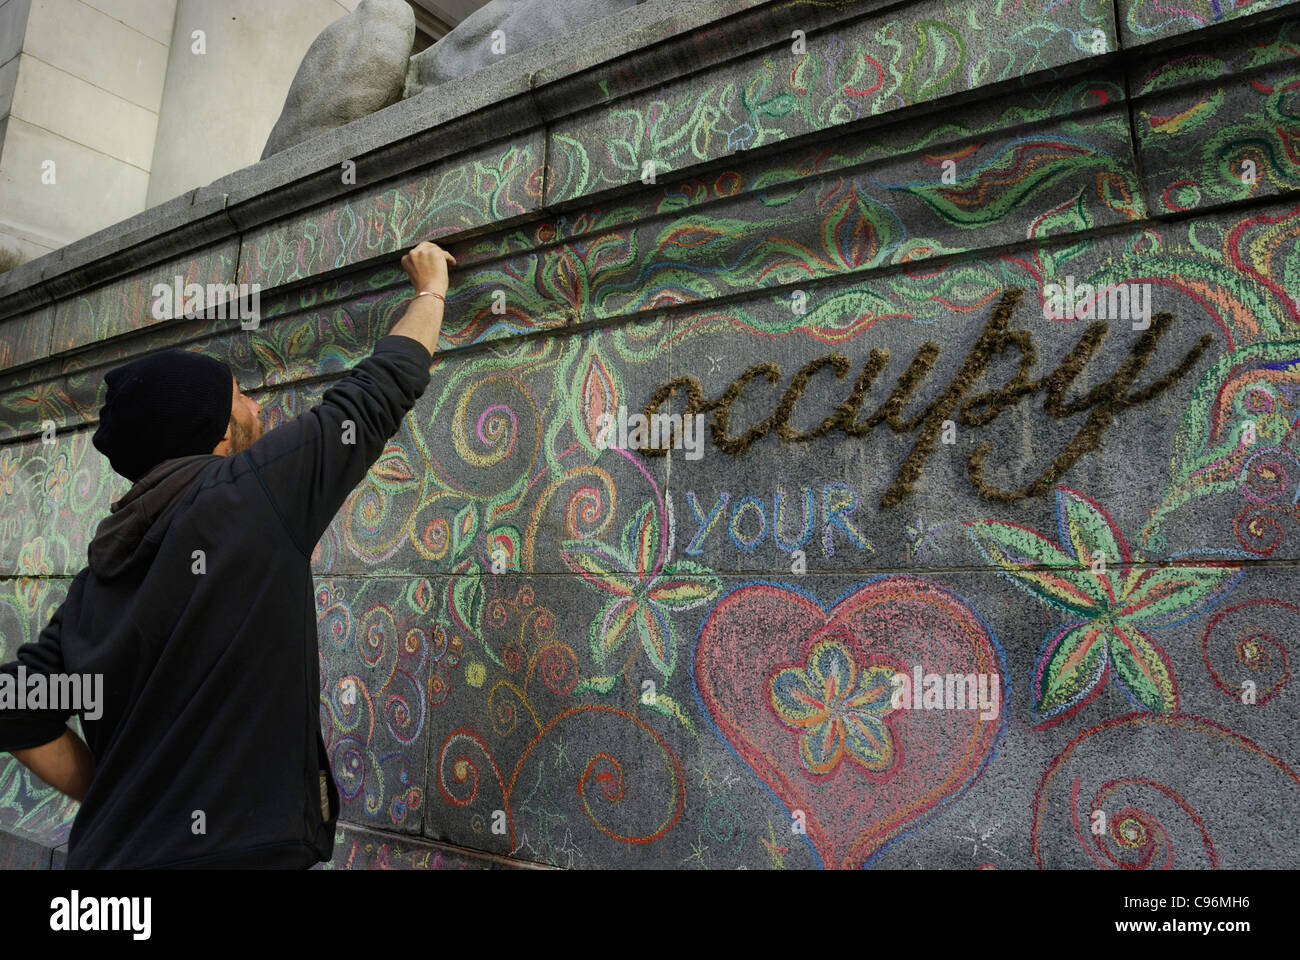 Manifestant la création artistique avec craie de couleur sur les murs de granit de la Vancouver Art Gallery. Photo Stock